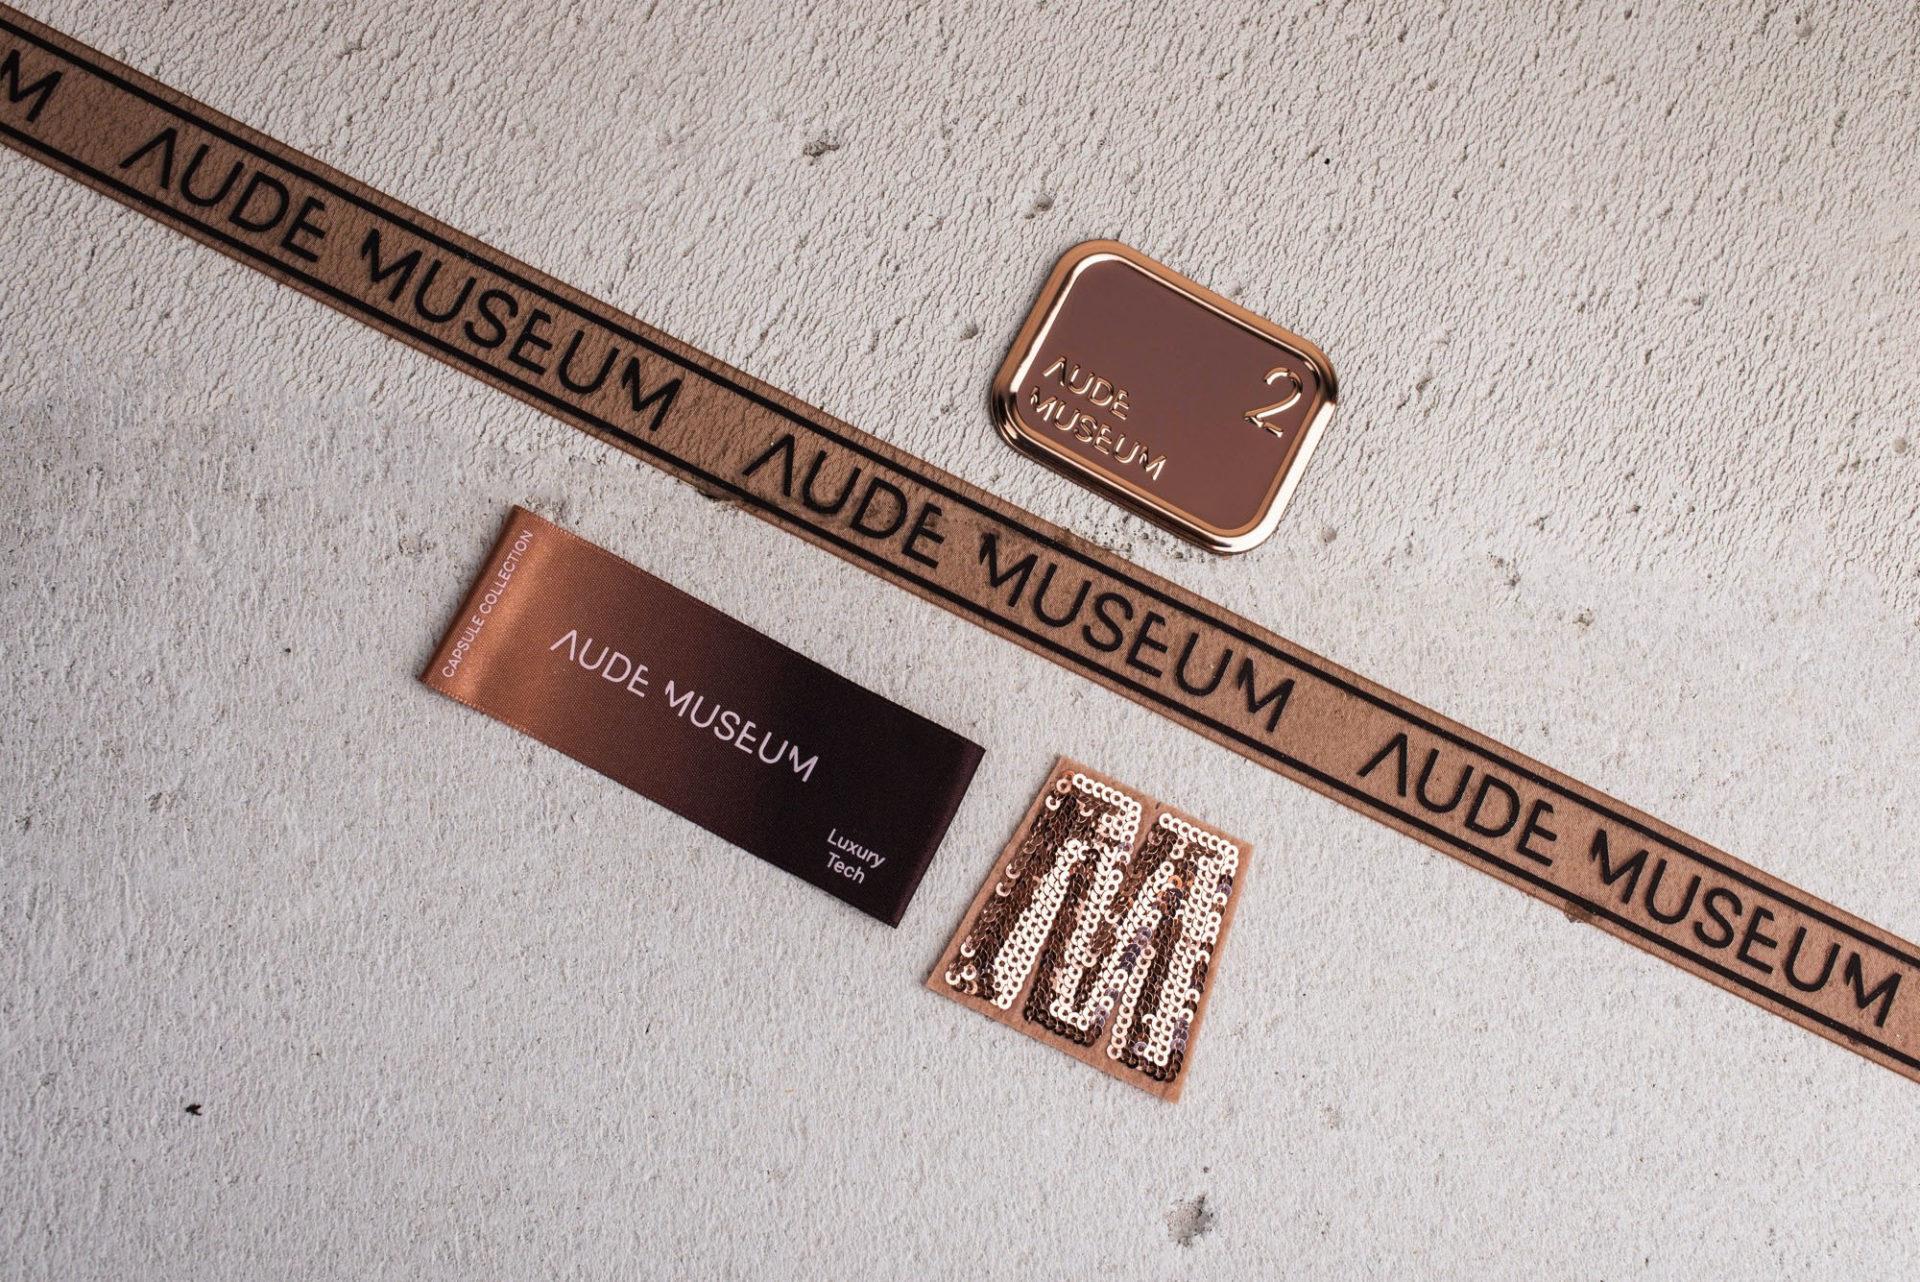 08_AUDE_MUSEUM